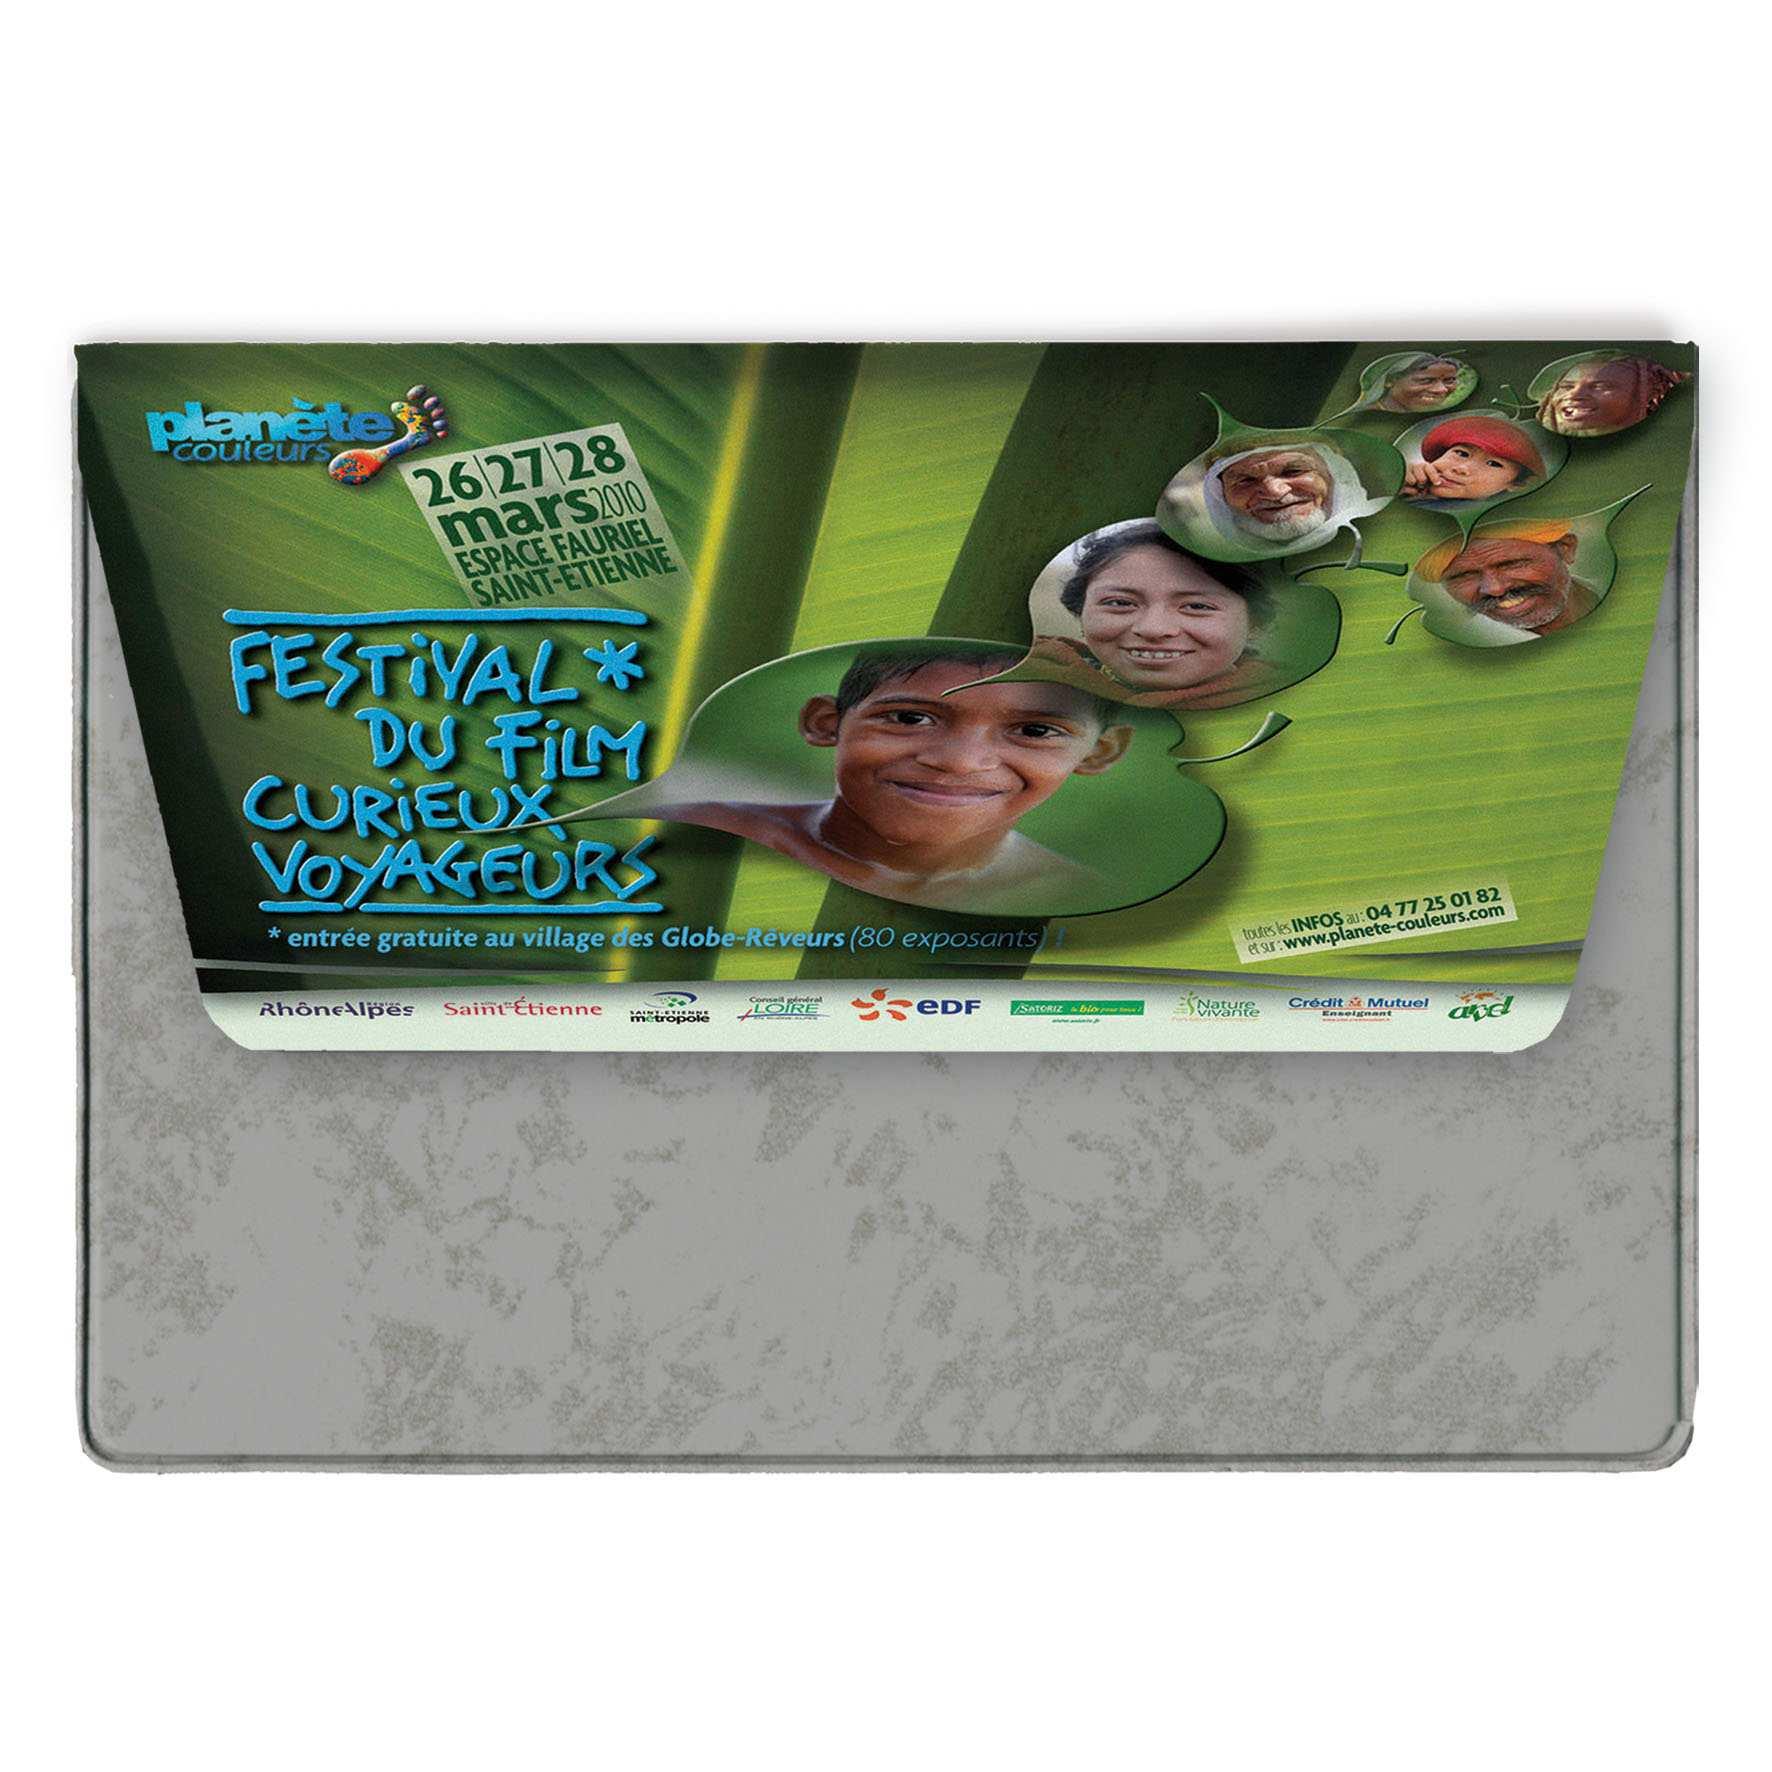 Cadeau promotionnel - Pochette de voyage publicitaire 1 poche A5